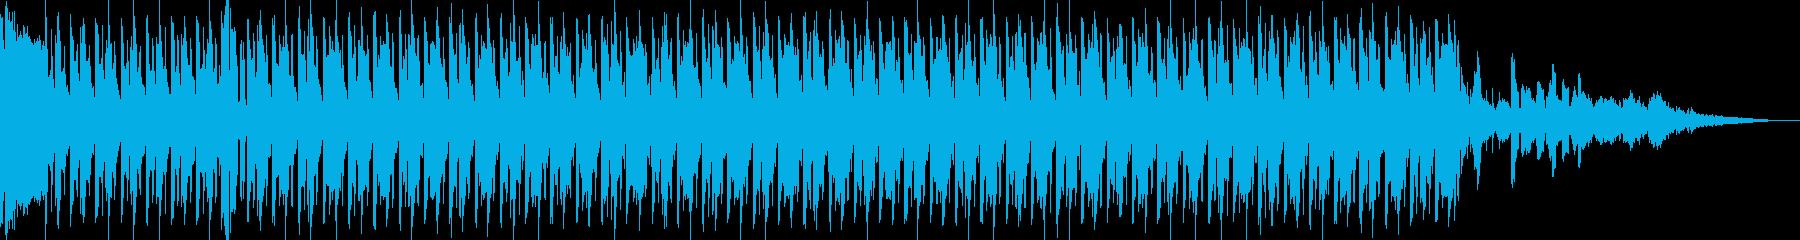 ミュージックベッドの再生済みの波形